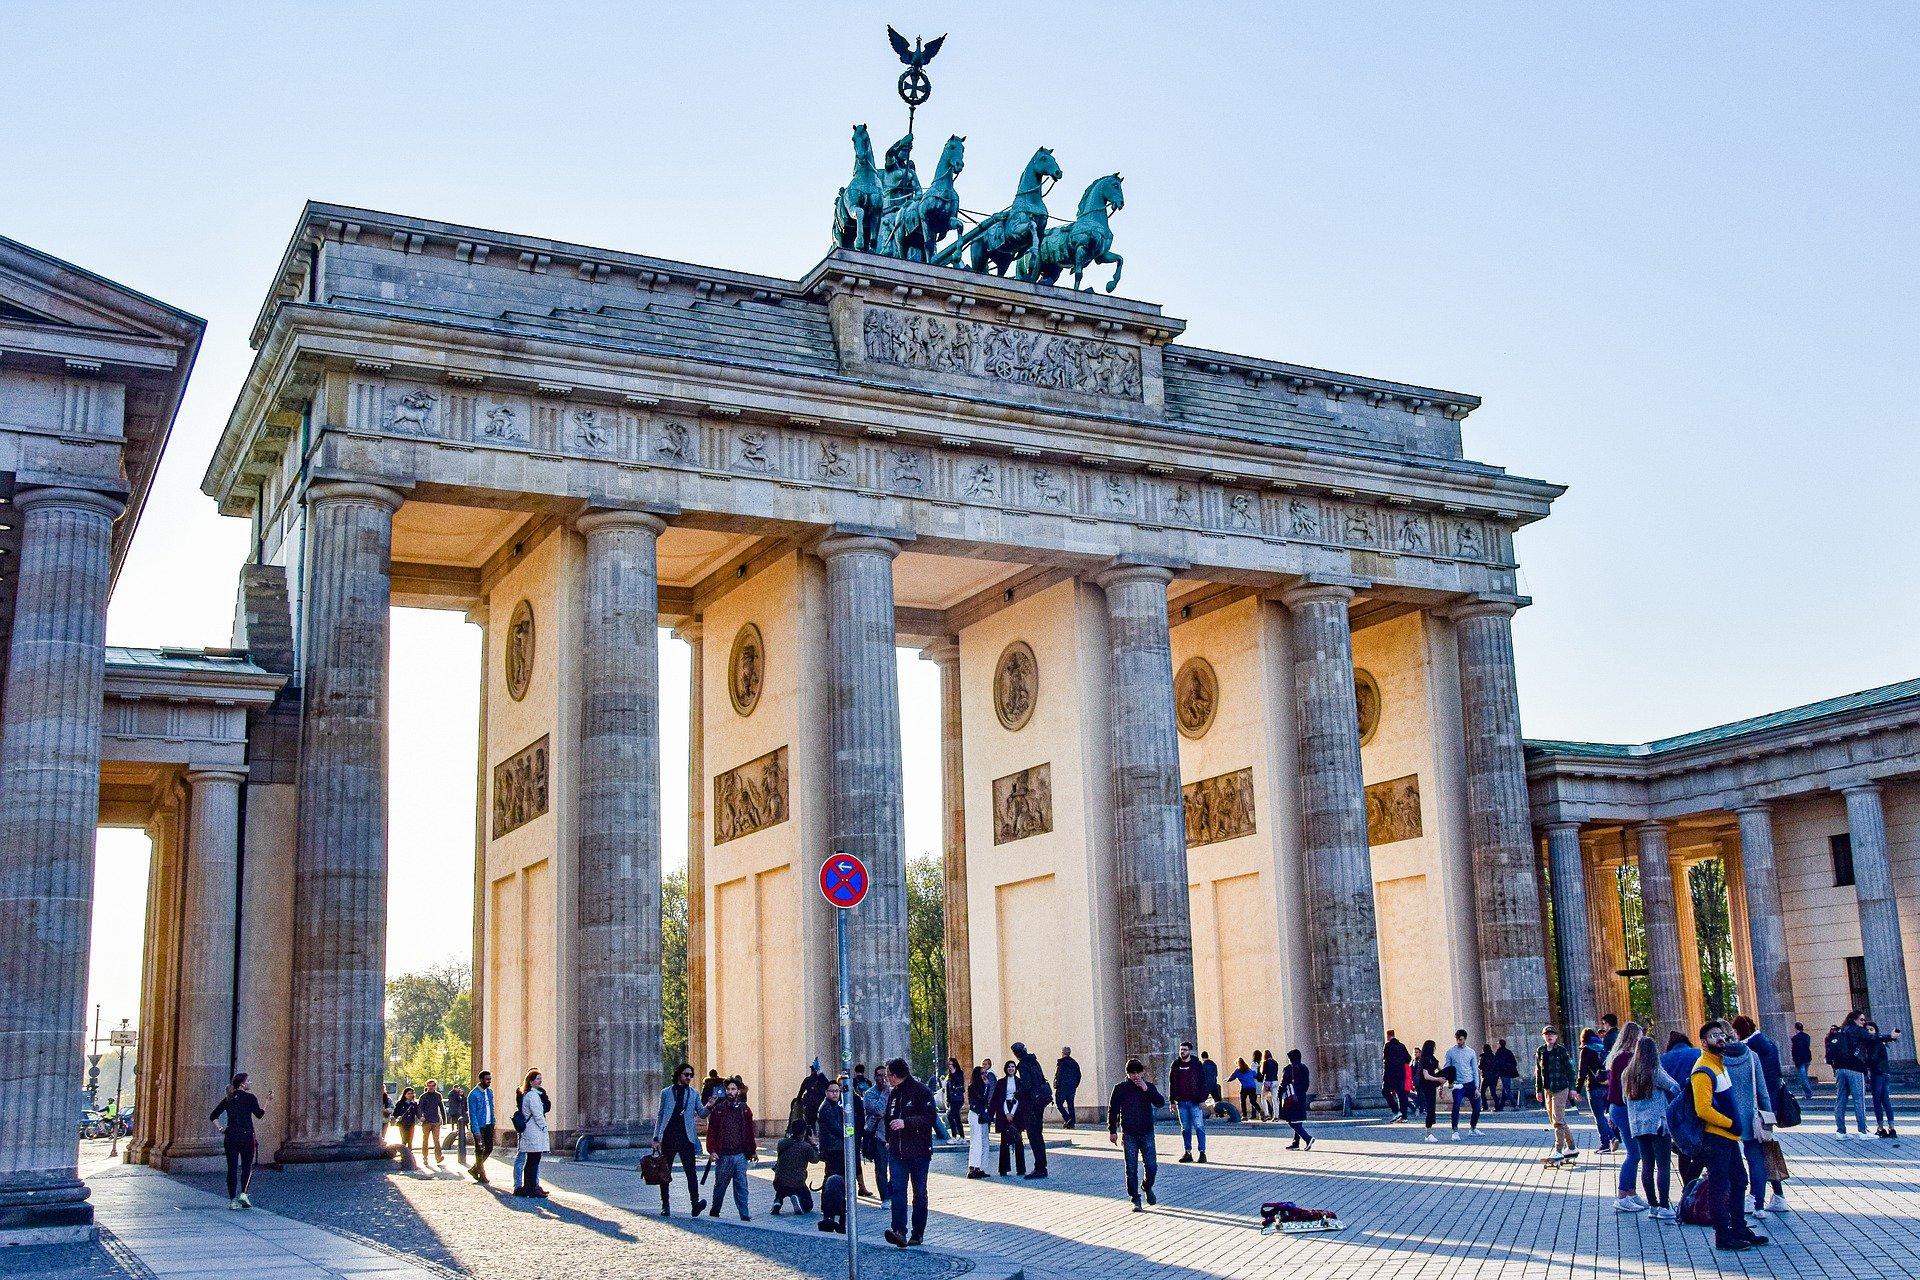 Das einzige erhaltene Stadttor Berlins, das früher vor allem für die Trennung der Stadt in Ost und West stand, ist seit dem Mauerfall das Symbol für die Einheit Deutschlands.